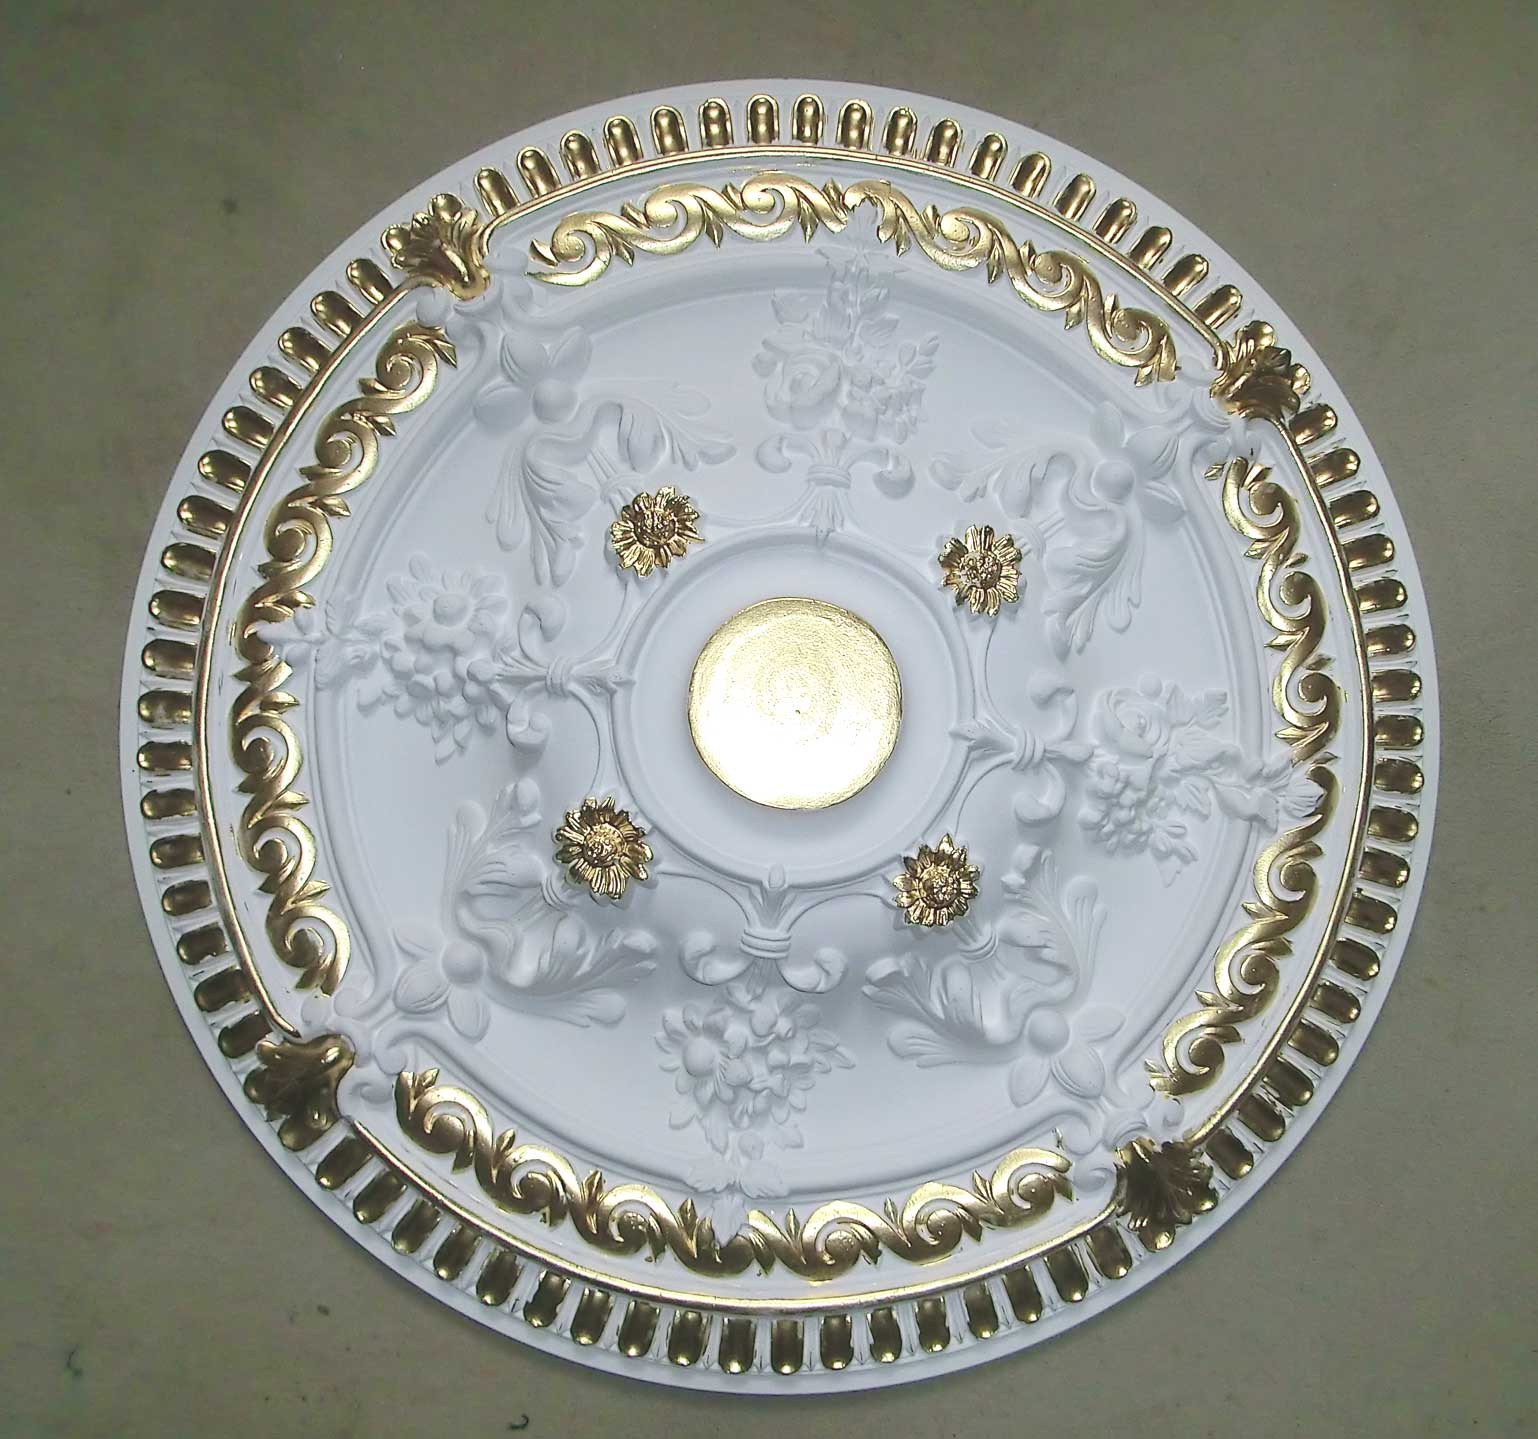 Zierprofile und rosetten weiss gold im barock rokoko stil for Tapeten billig